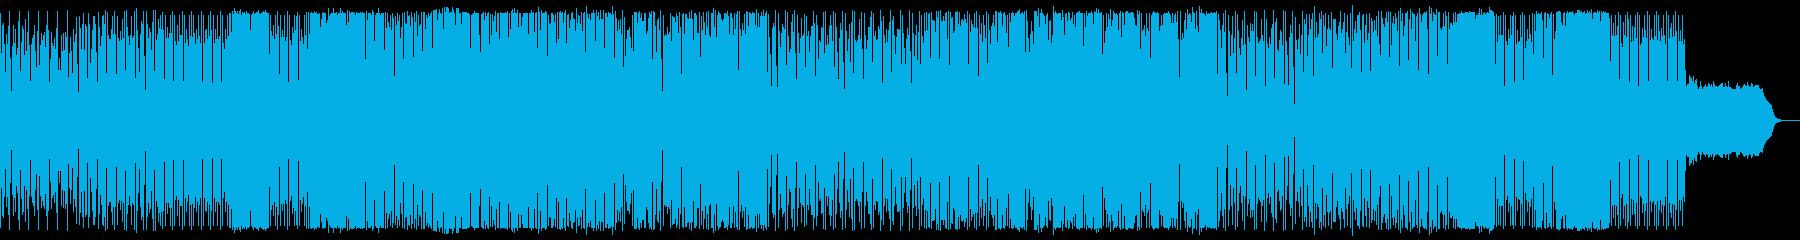 オープニングや戦闘シーンに適したBGMの再生済みの波形